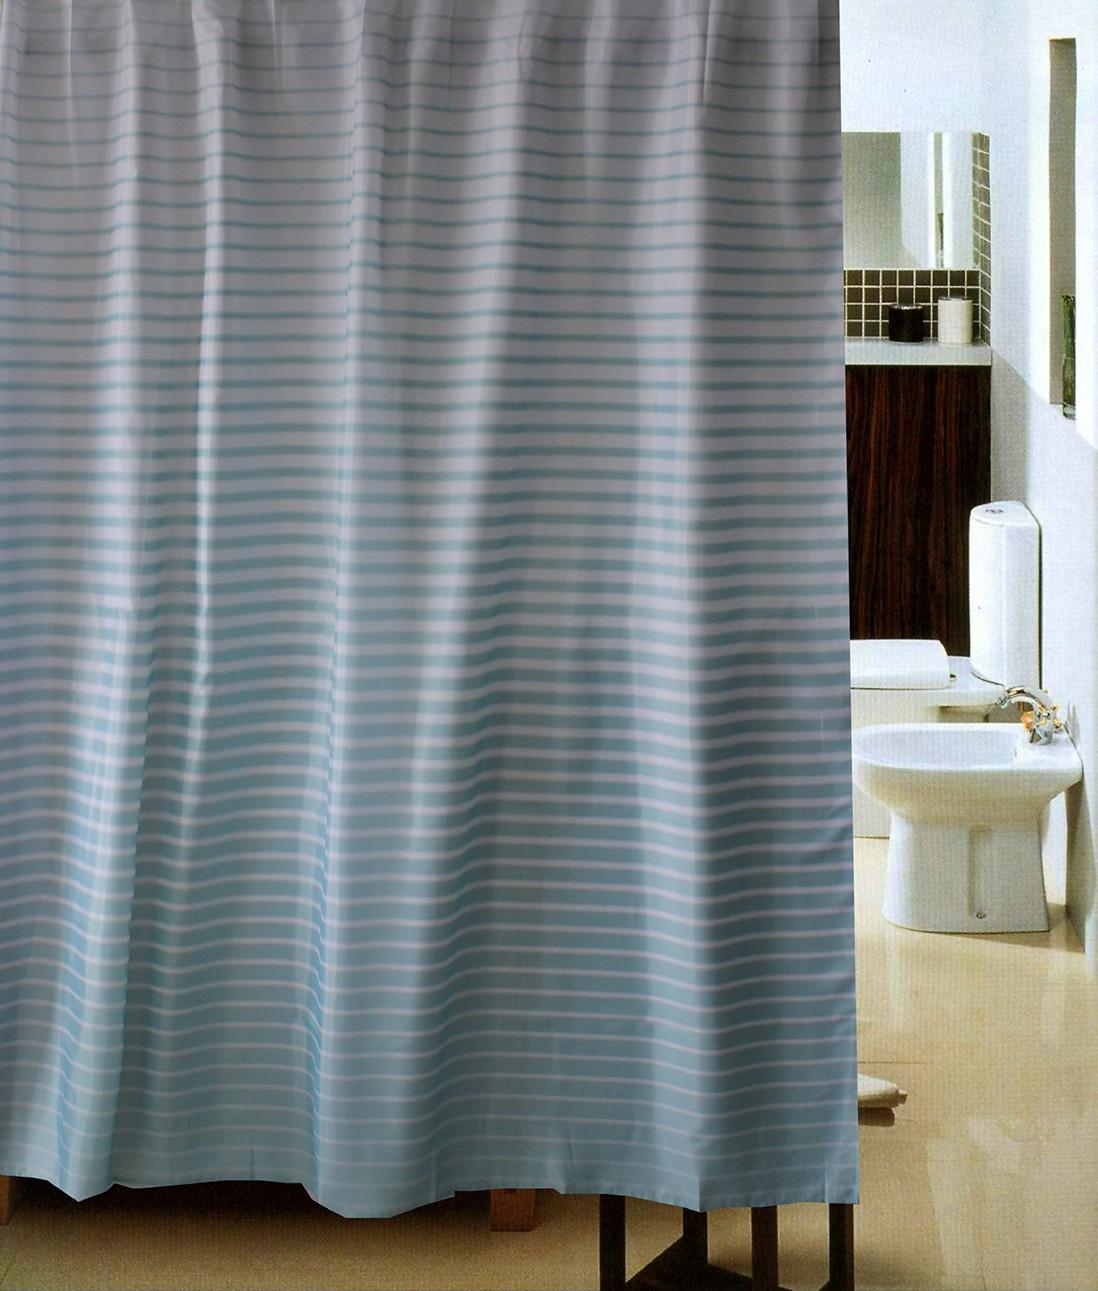 Κουρτίνα Μπάνιου (180x180) Viopros Ντεγκραντέ Σιελ